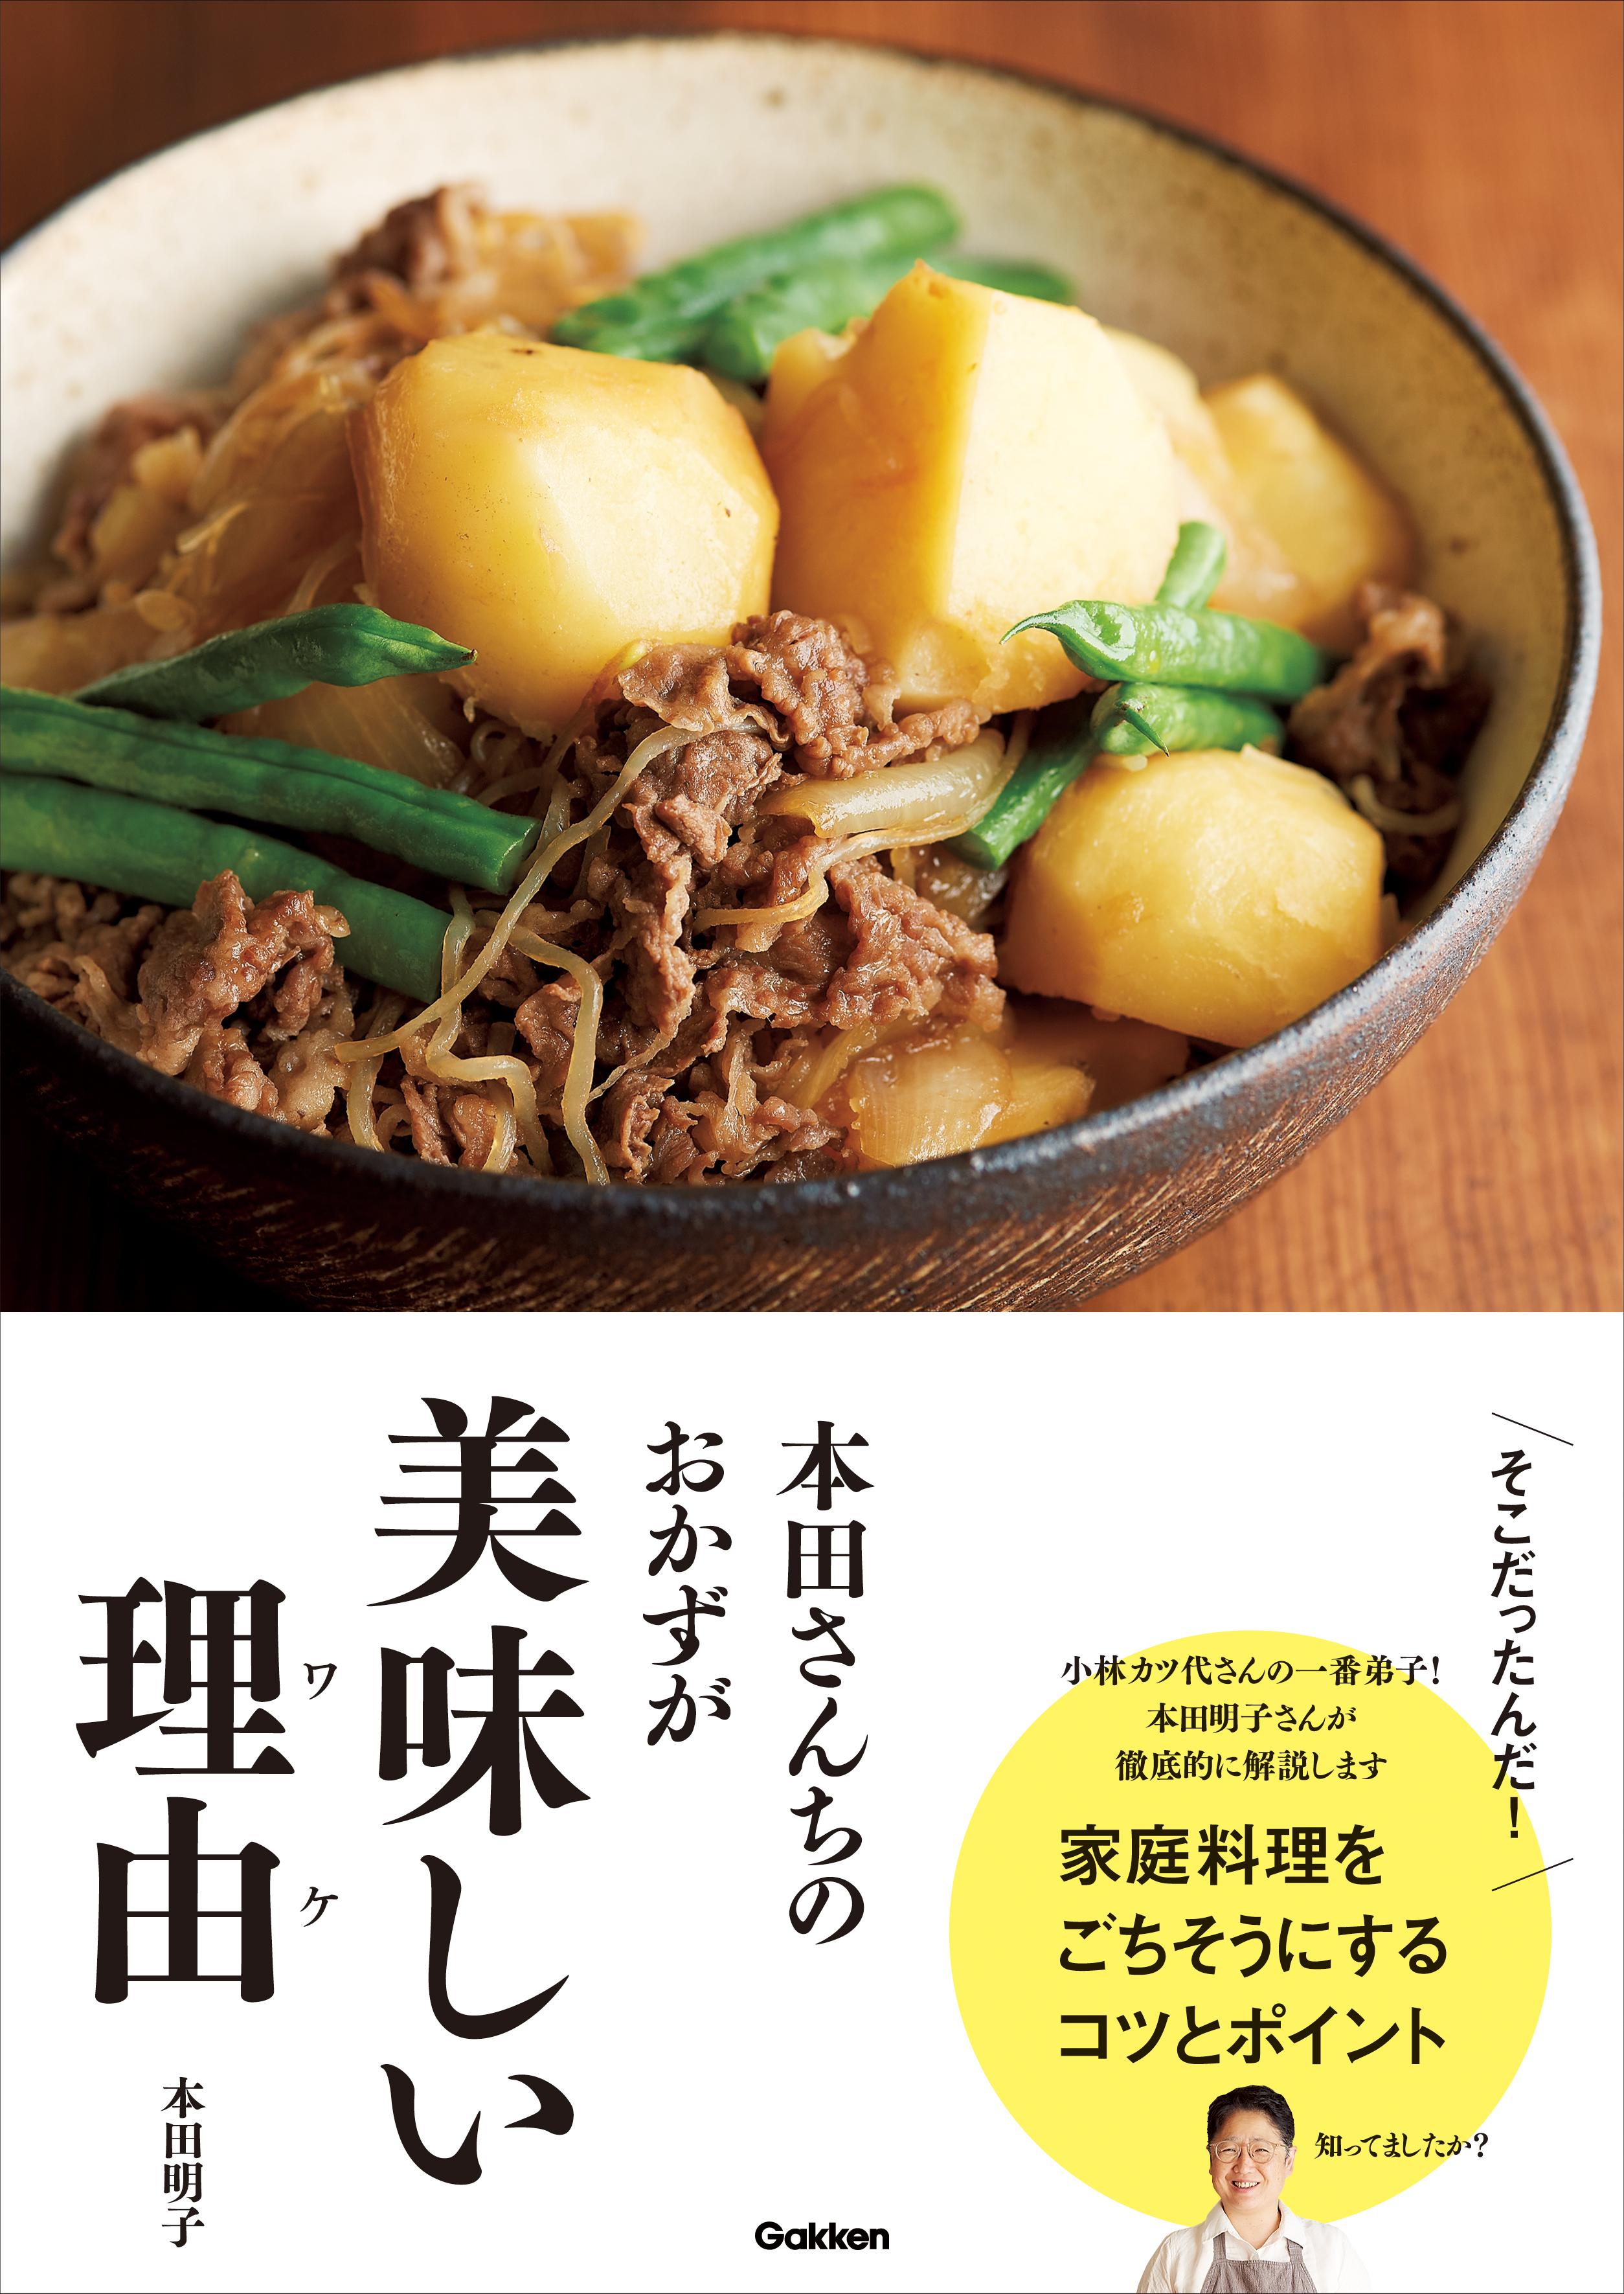 『本田さんちのおかずが美味しい理由(ワケ)』書影